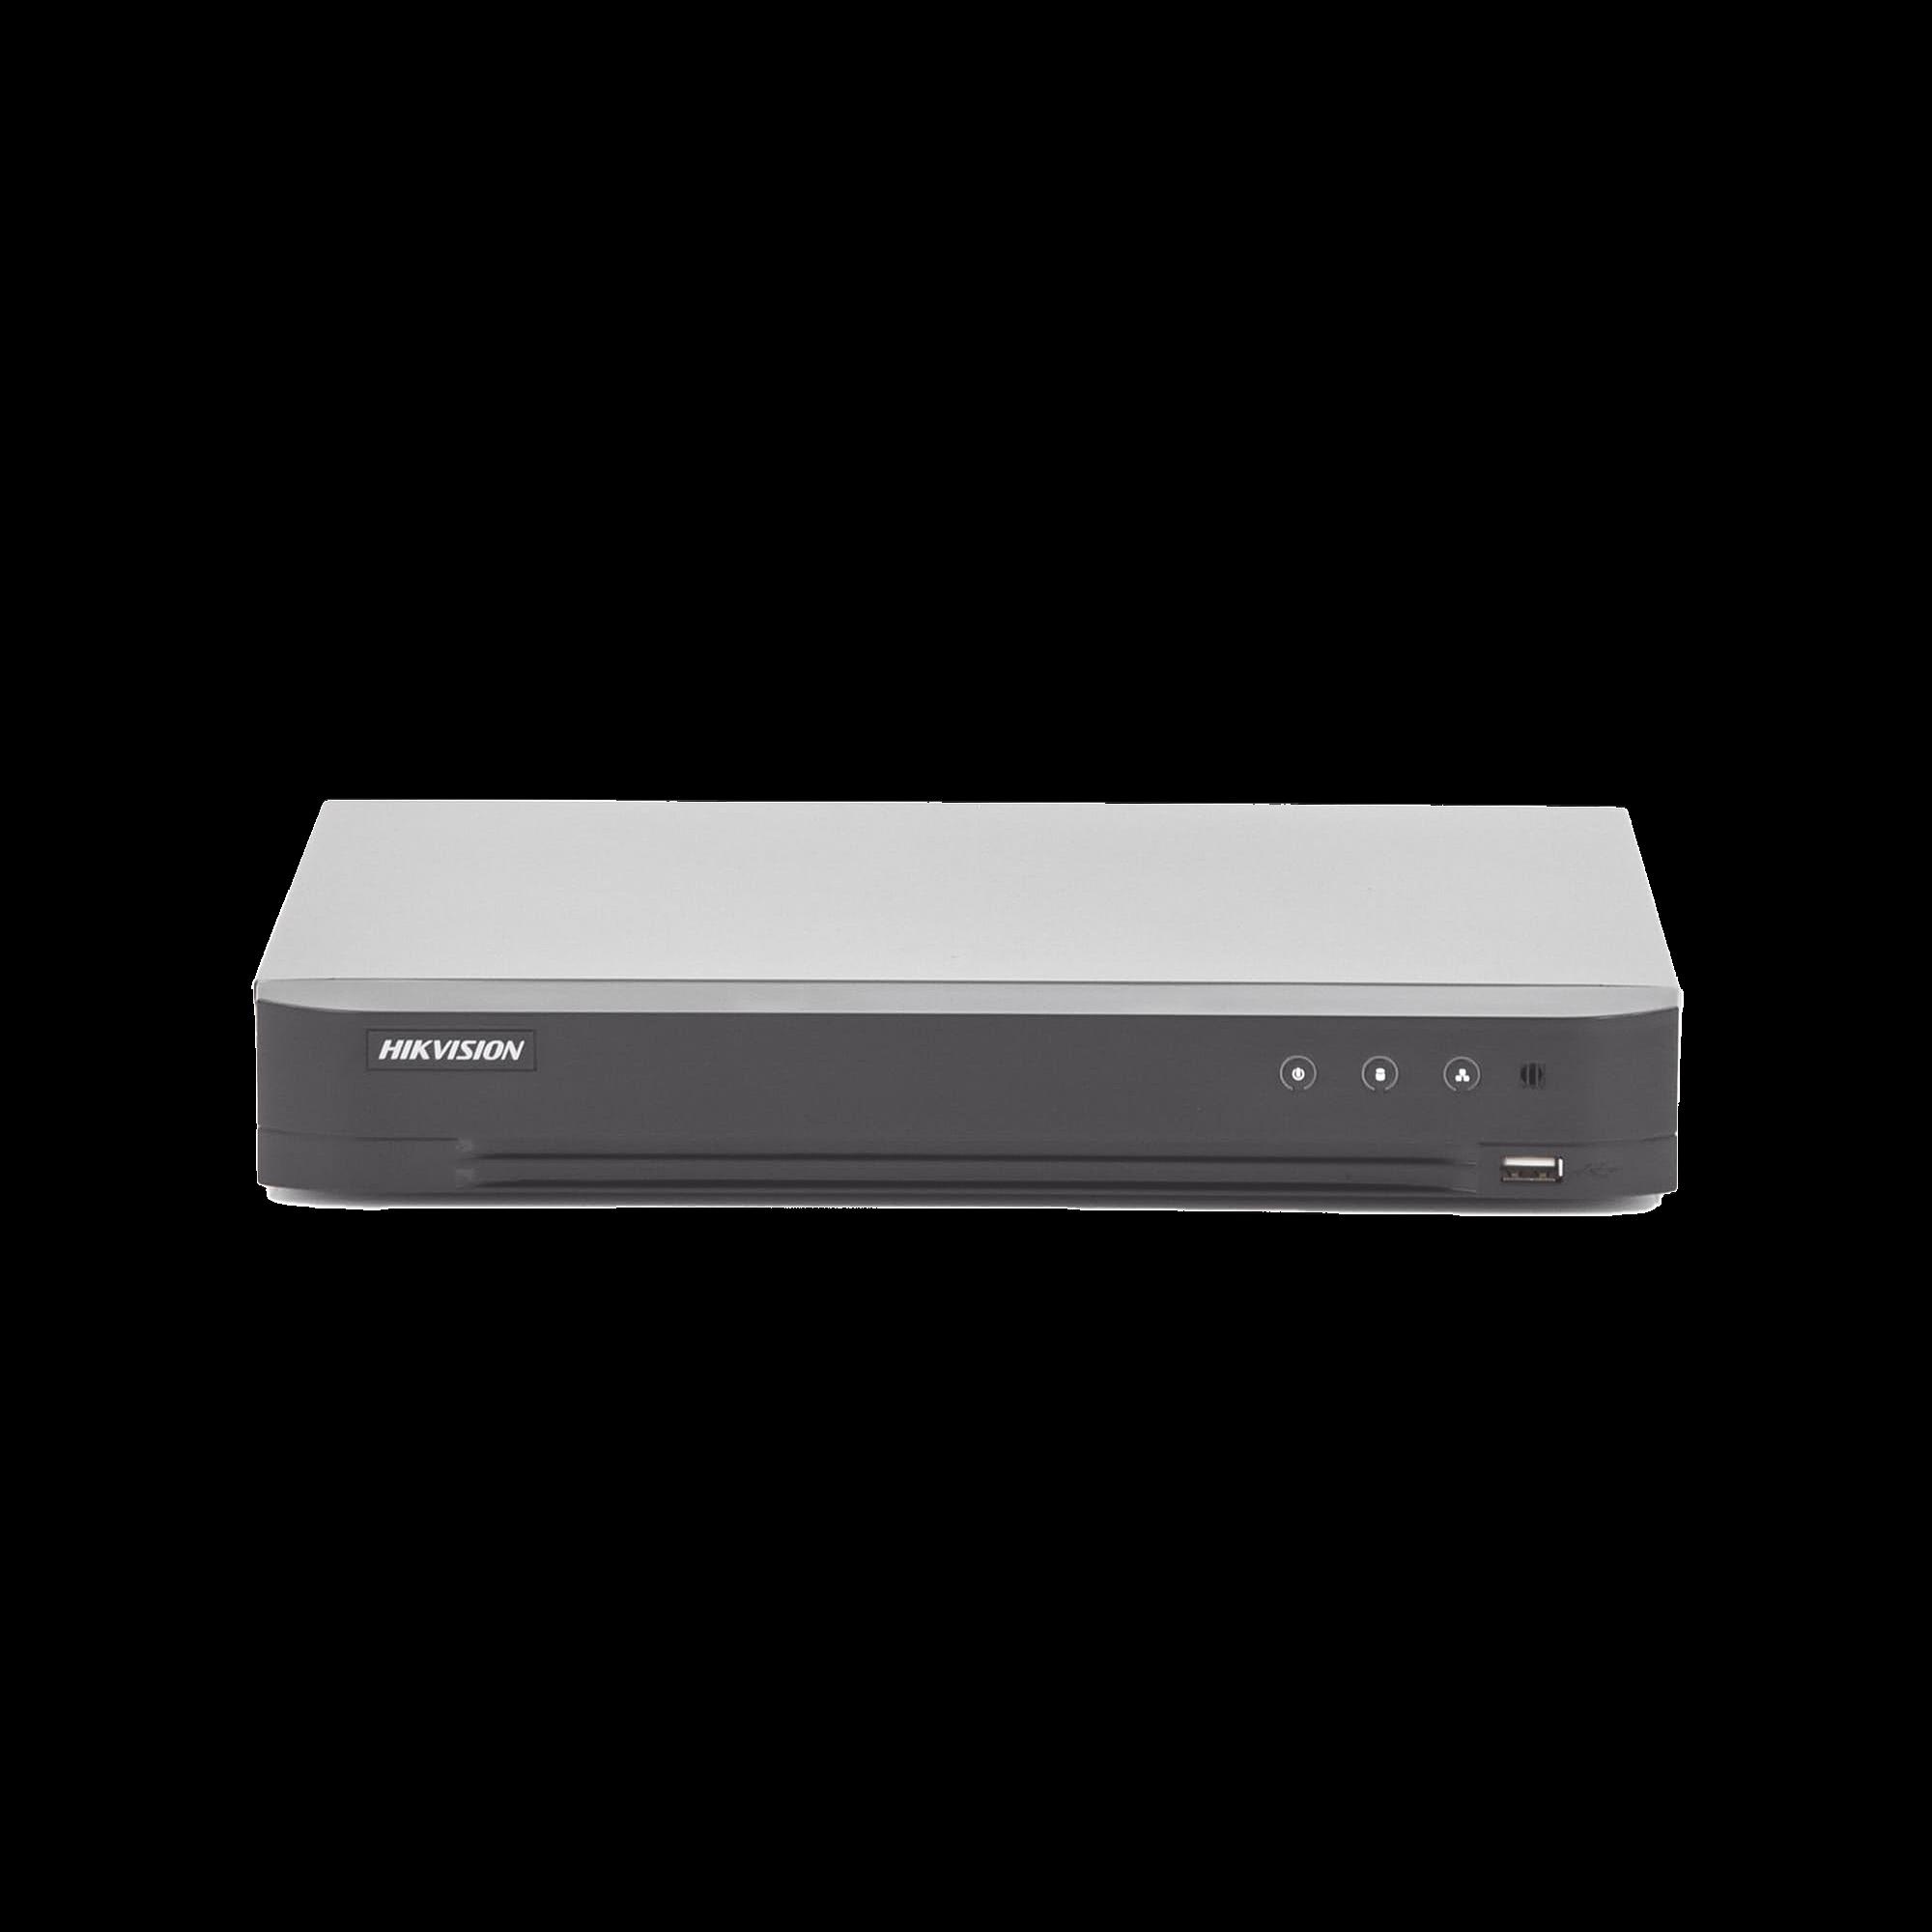 (Reconocimiento de Rostros / ACUSENSE) DVR 4 Megapixel / 4 Canales TURBOHD + 2 Canales IP / 1 Bahía de Disco Duro / 1 Canal de Audio / Audio por Coaxitron